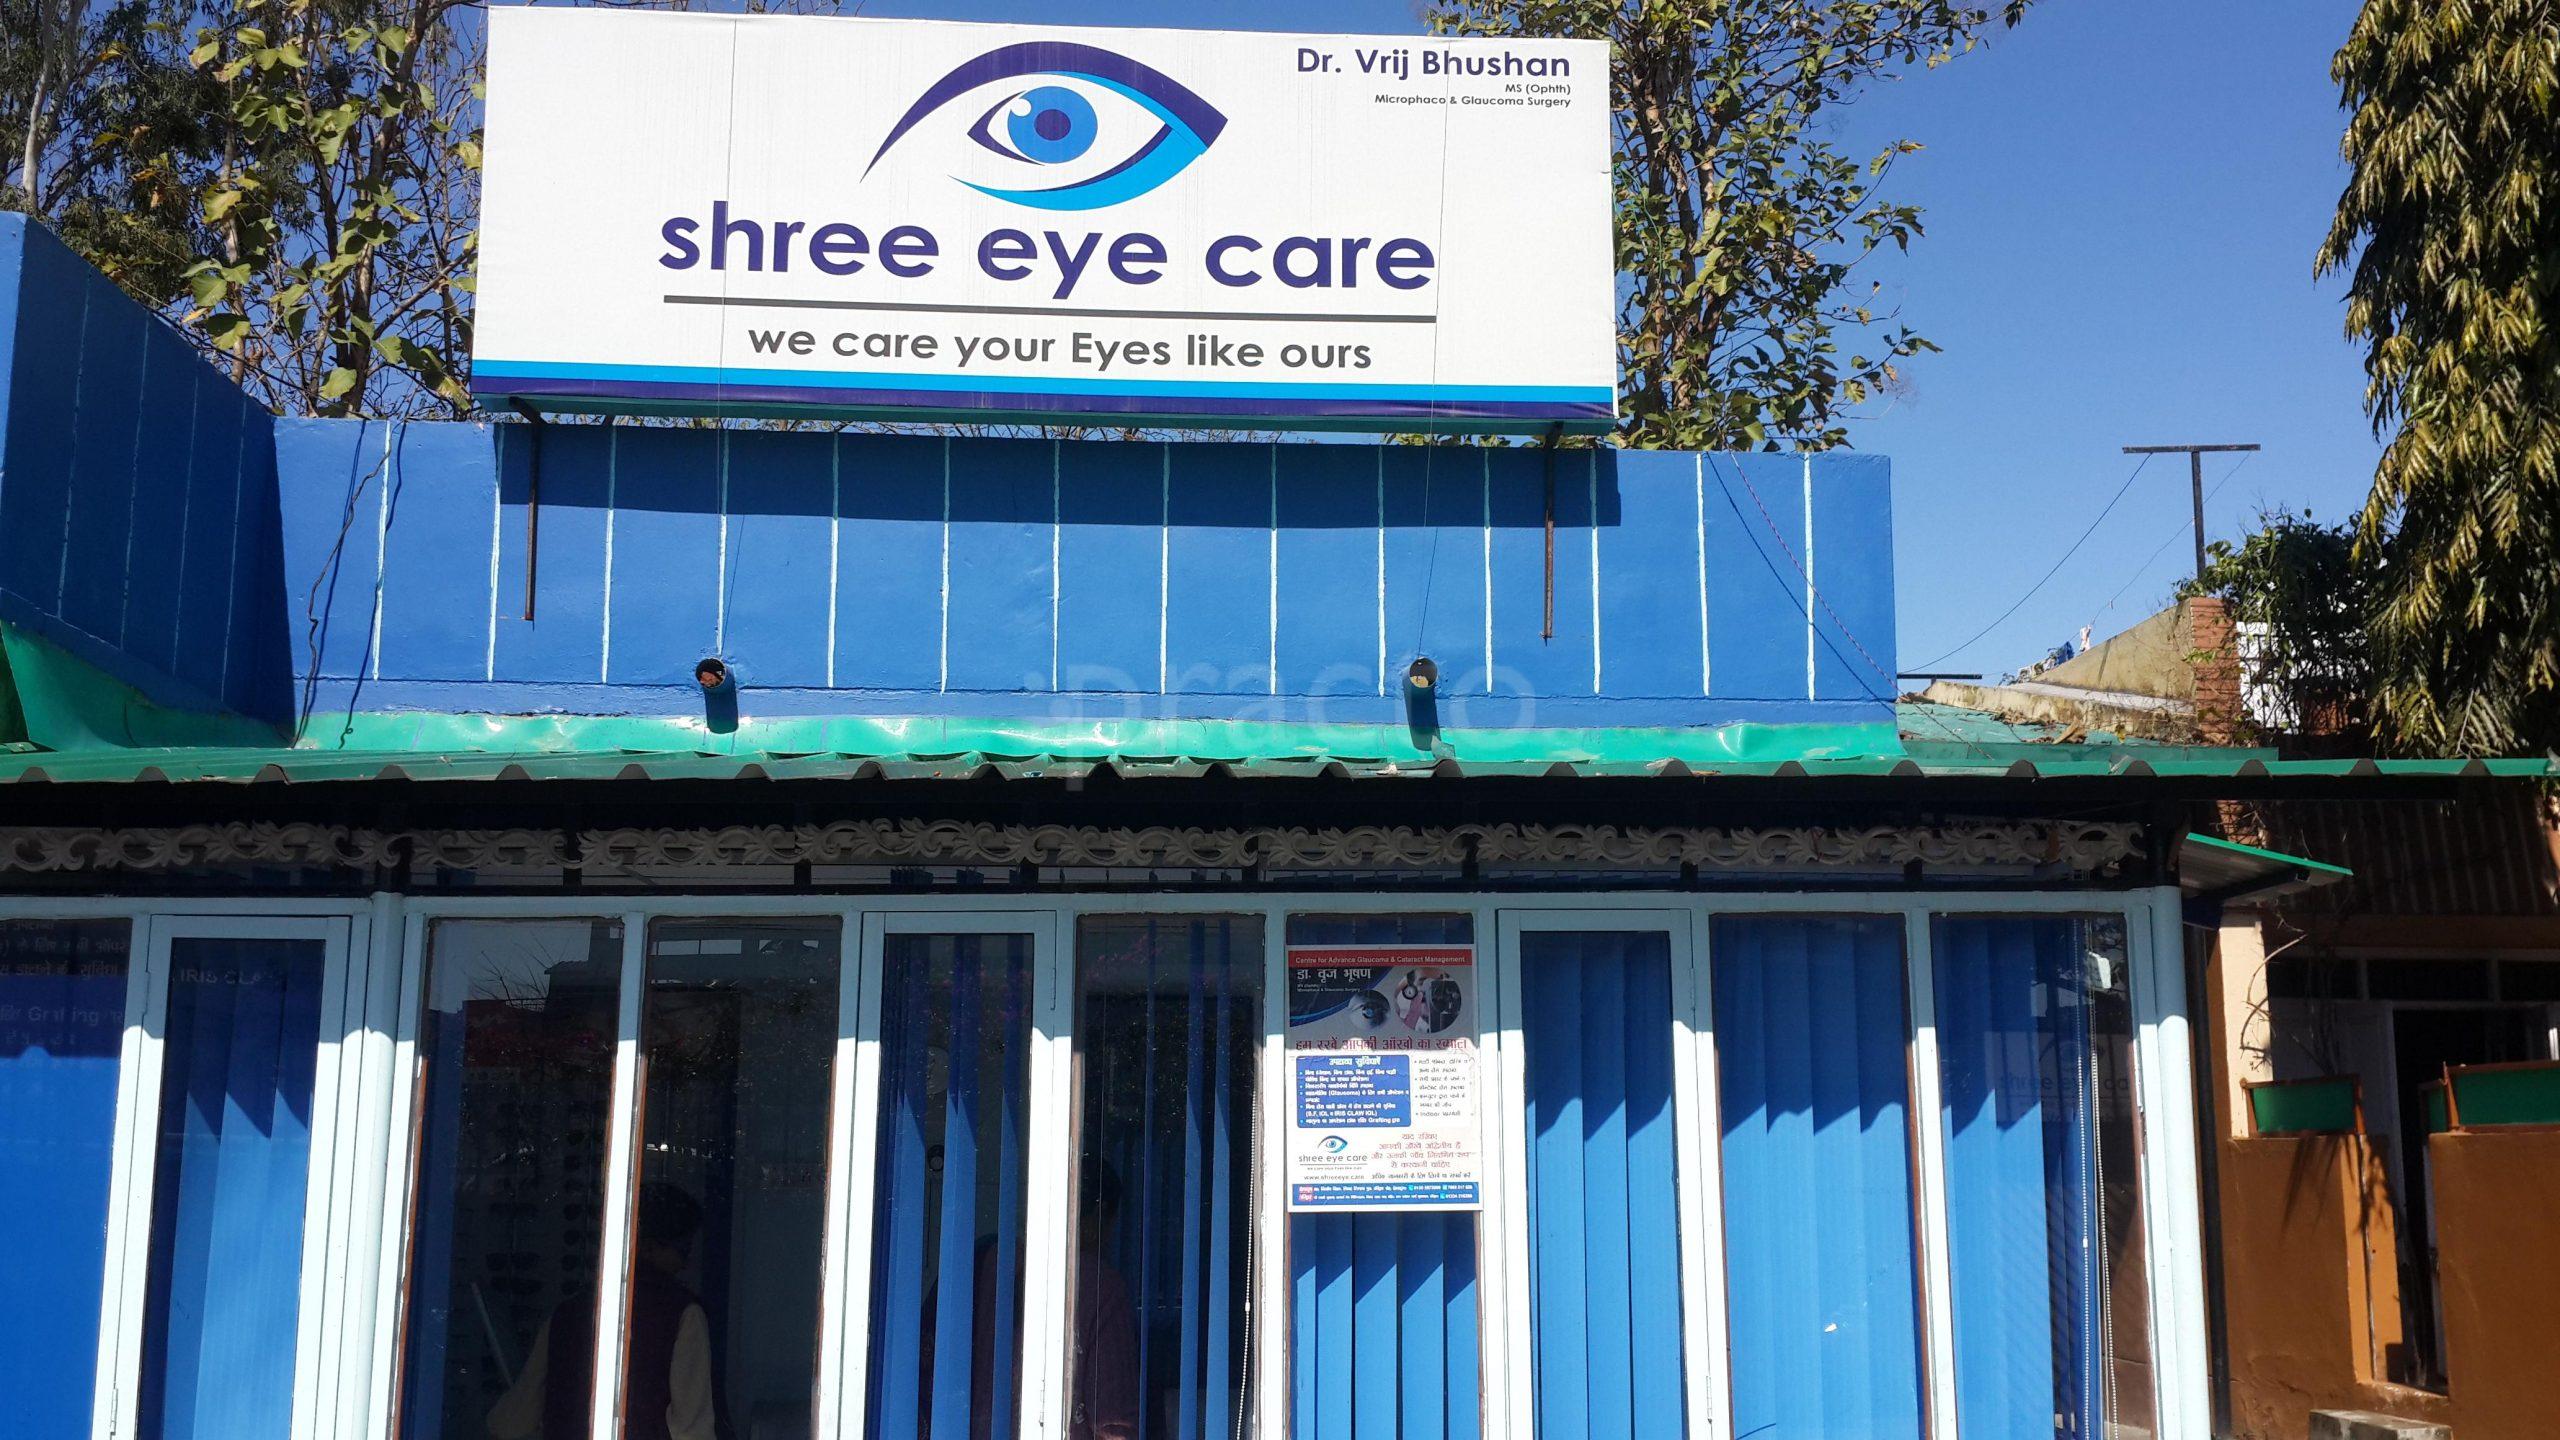 Shree Eye Care Hospital in Dehradun